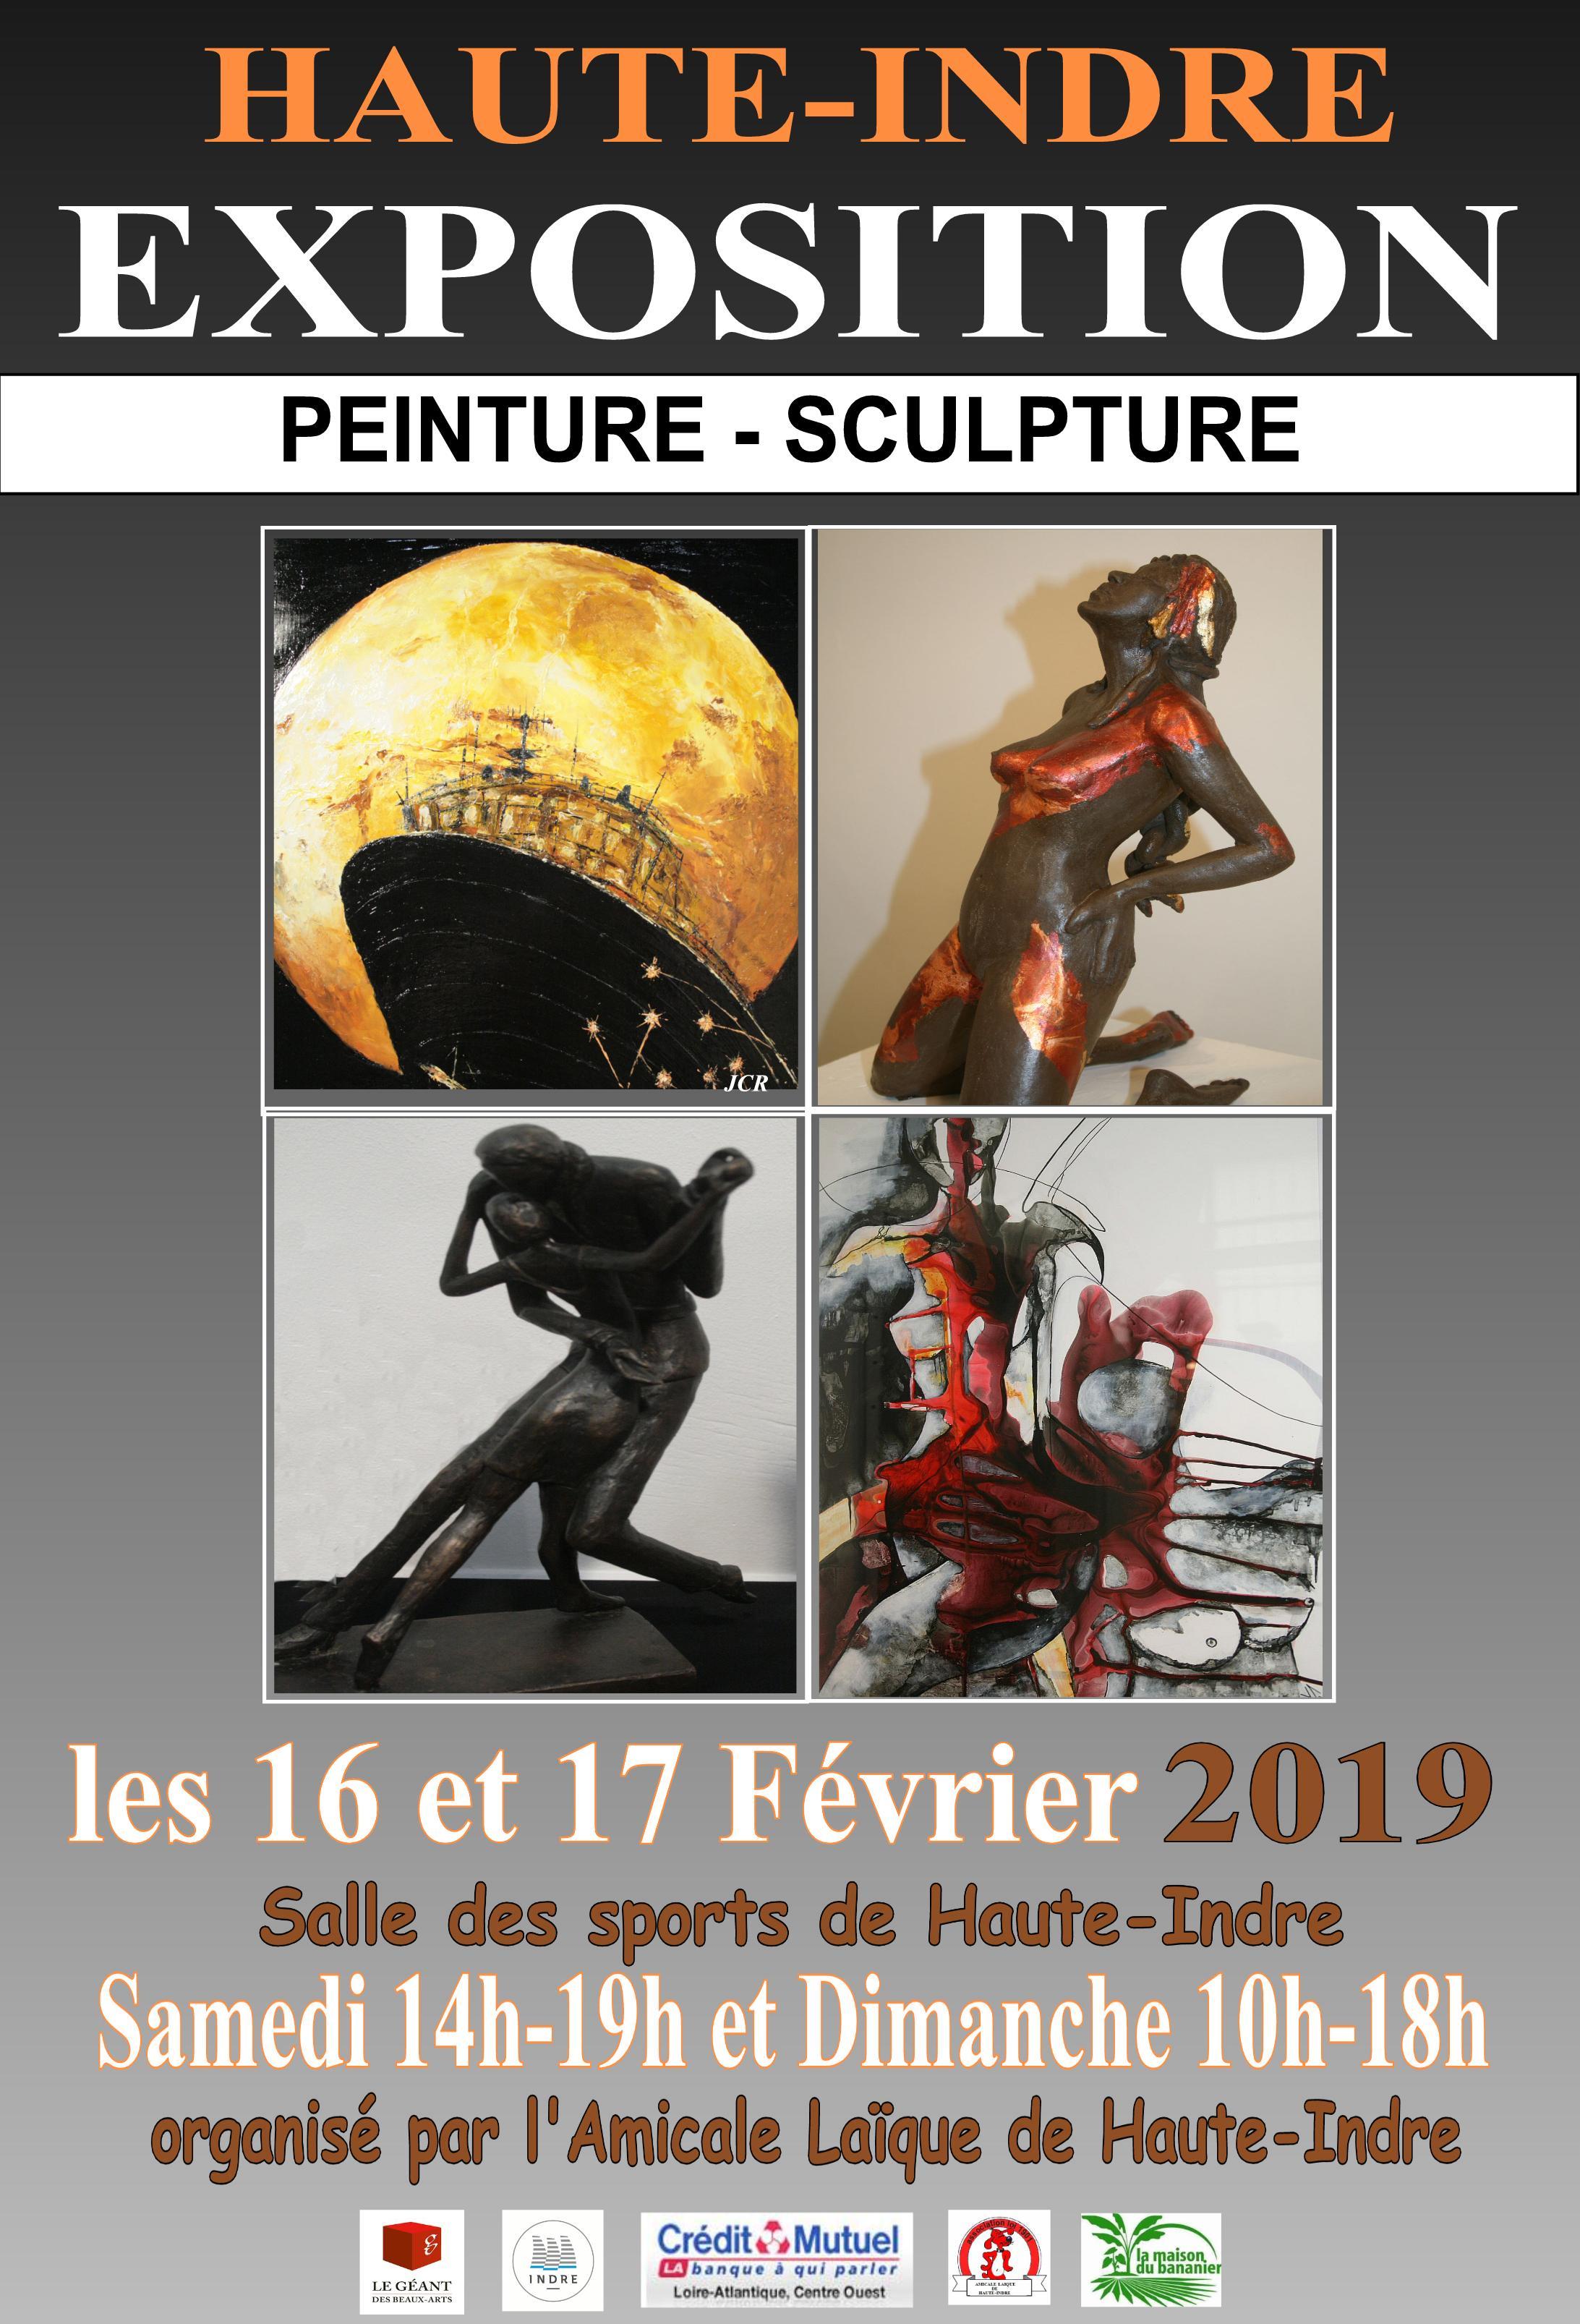 Haute Indre – Exposition de Peinture/Sculpture